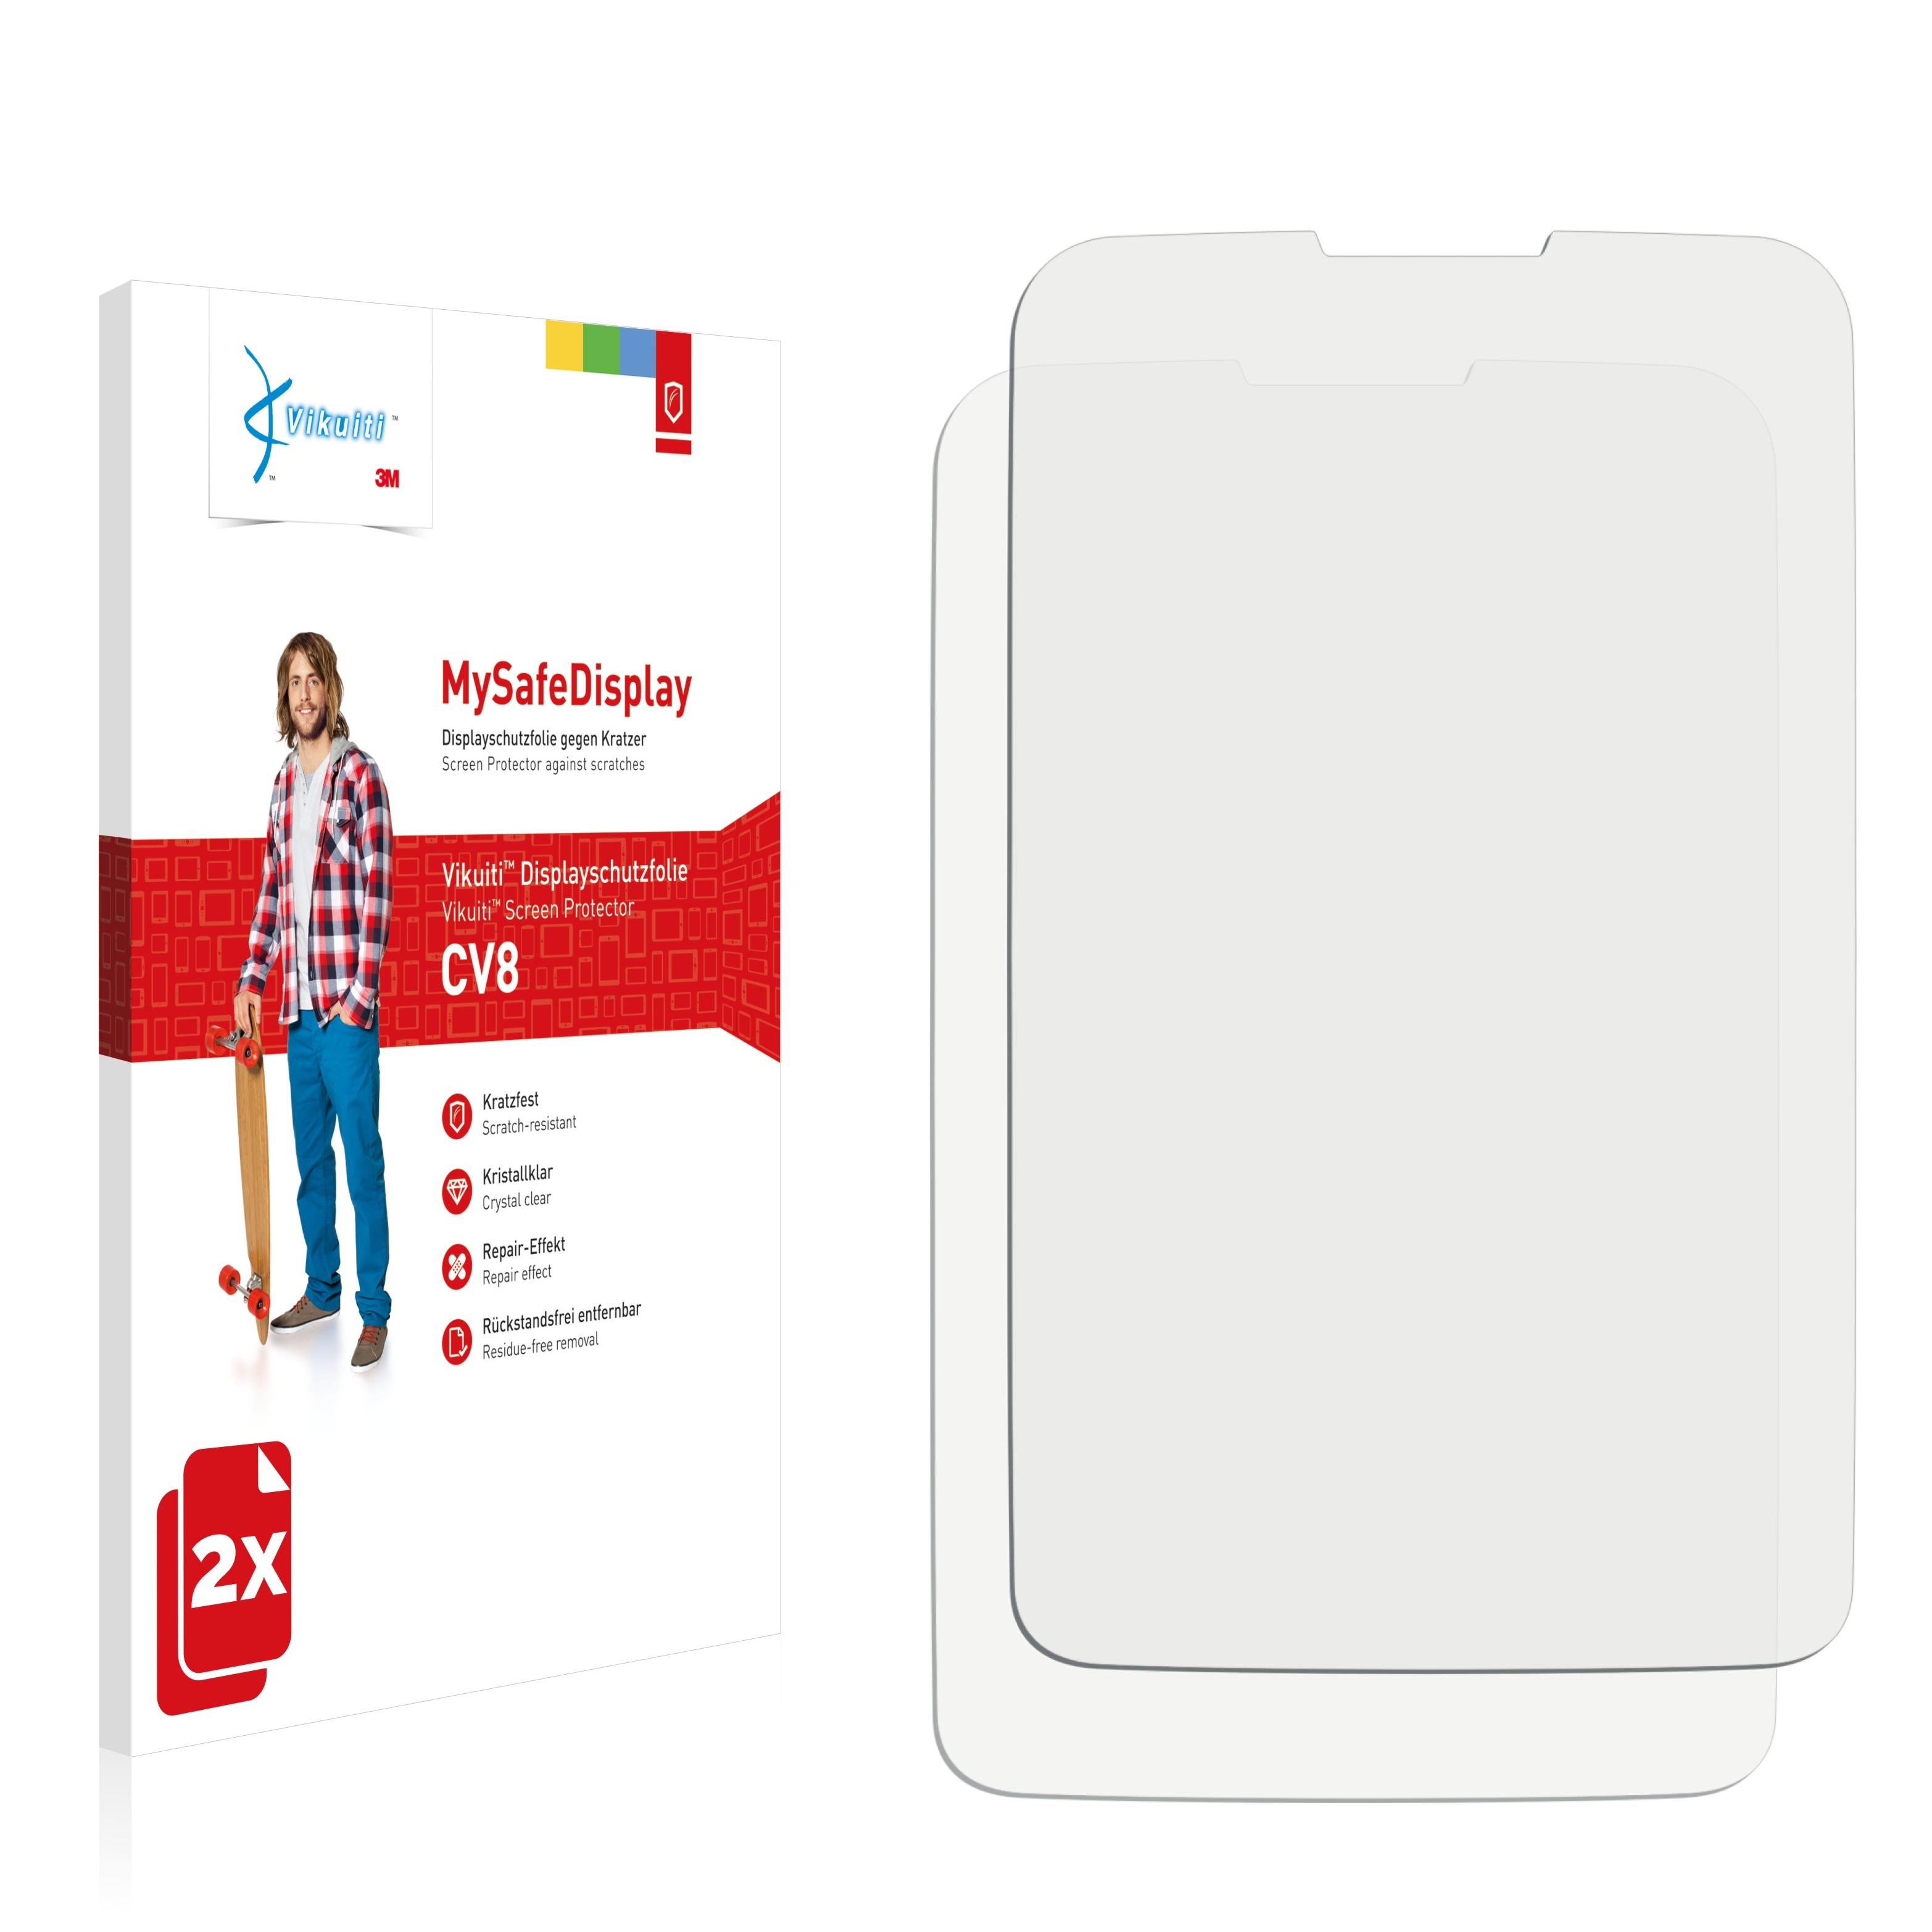 Ochranná fólie CV8 od 3M pro Alcatel One Touch OT-988 Shockwave, 2ks